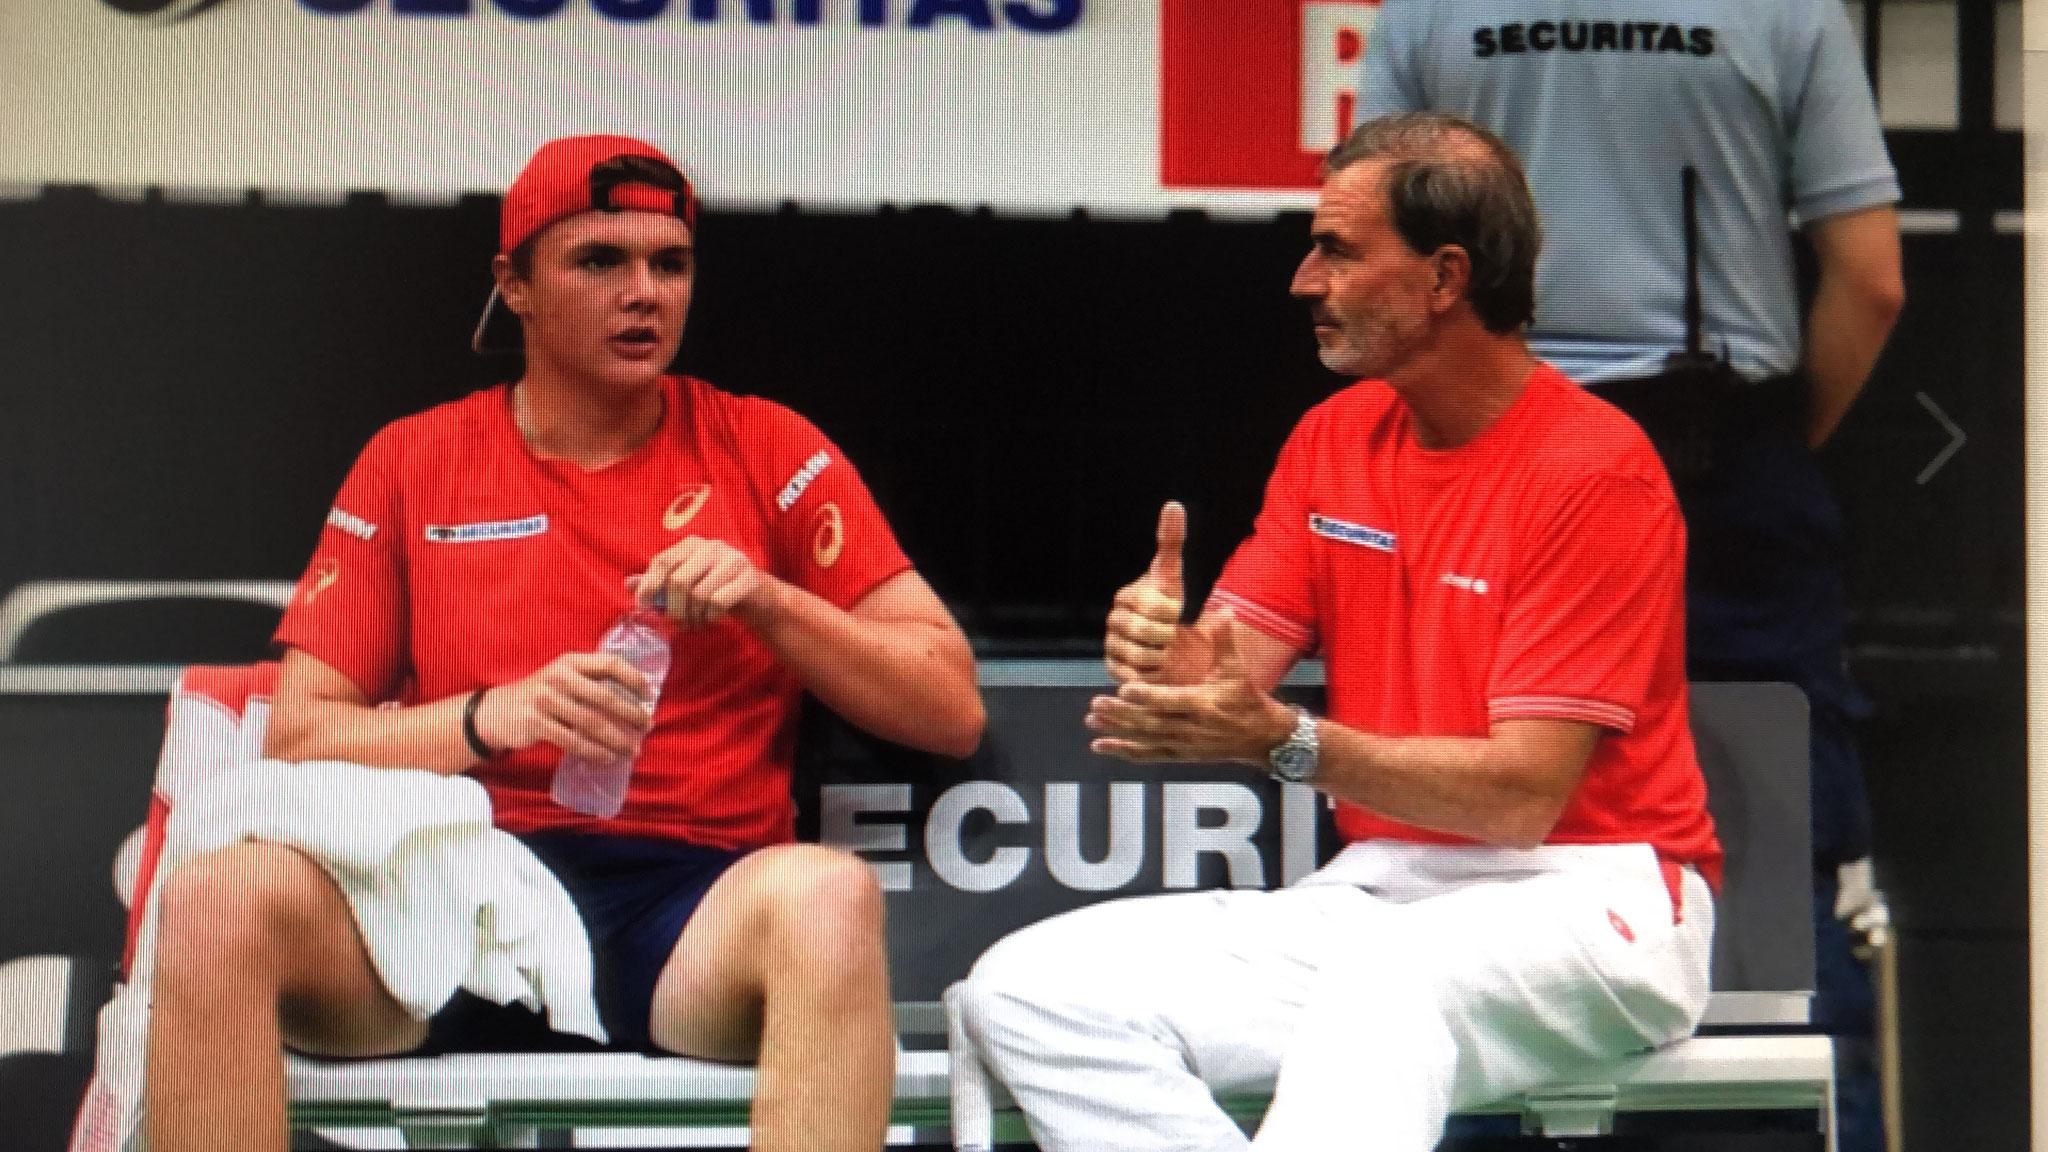 Heinz Günthardt, mein Coach, setzte mich sogar mit H. Lakssonen im Doppel ein. Wir gewannen dieses.